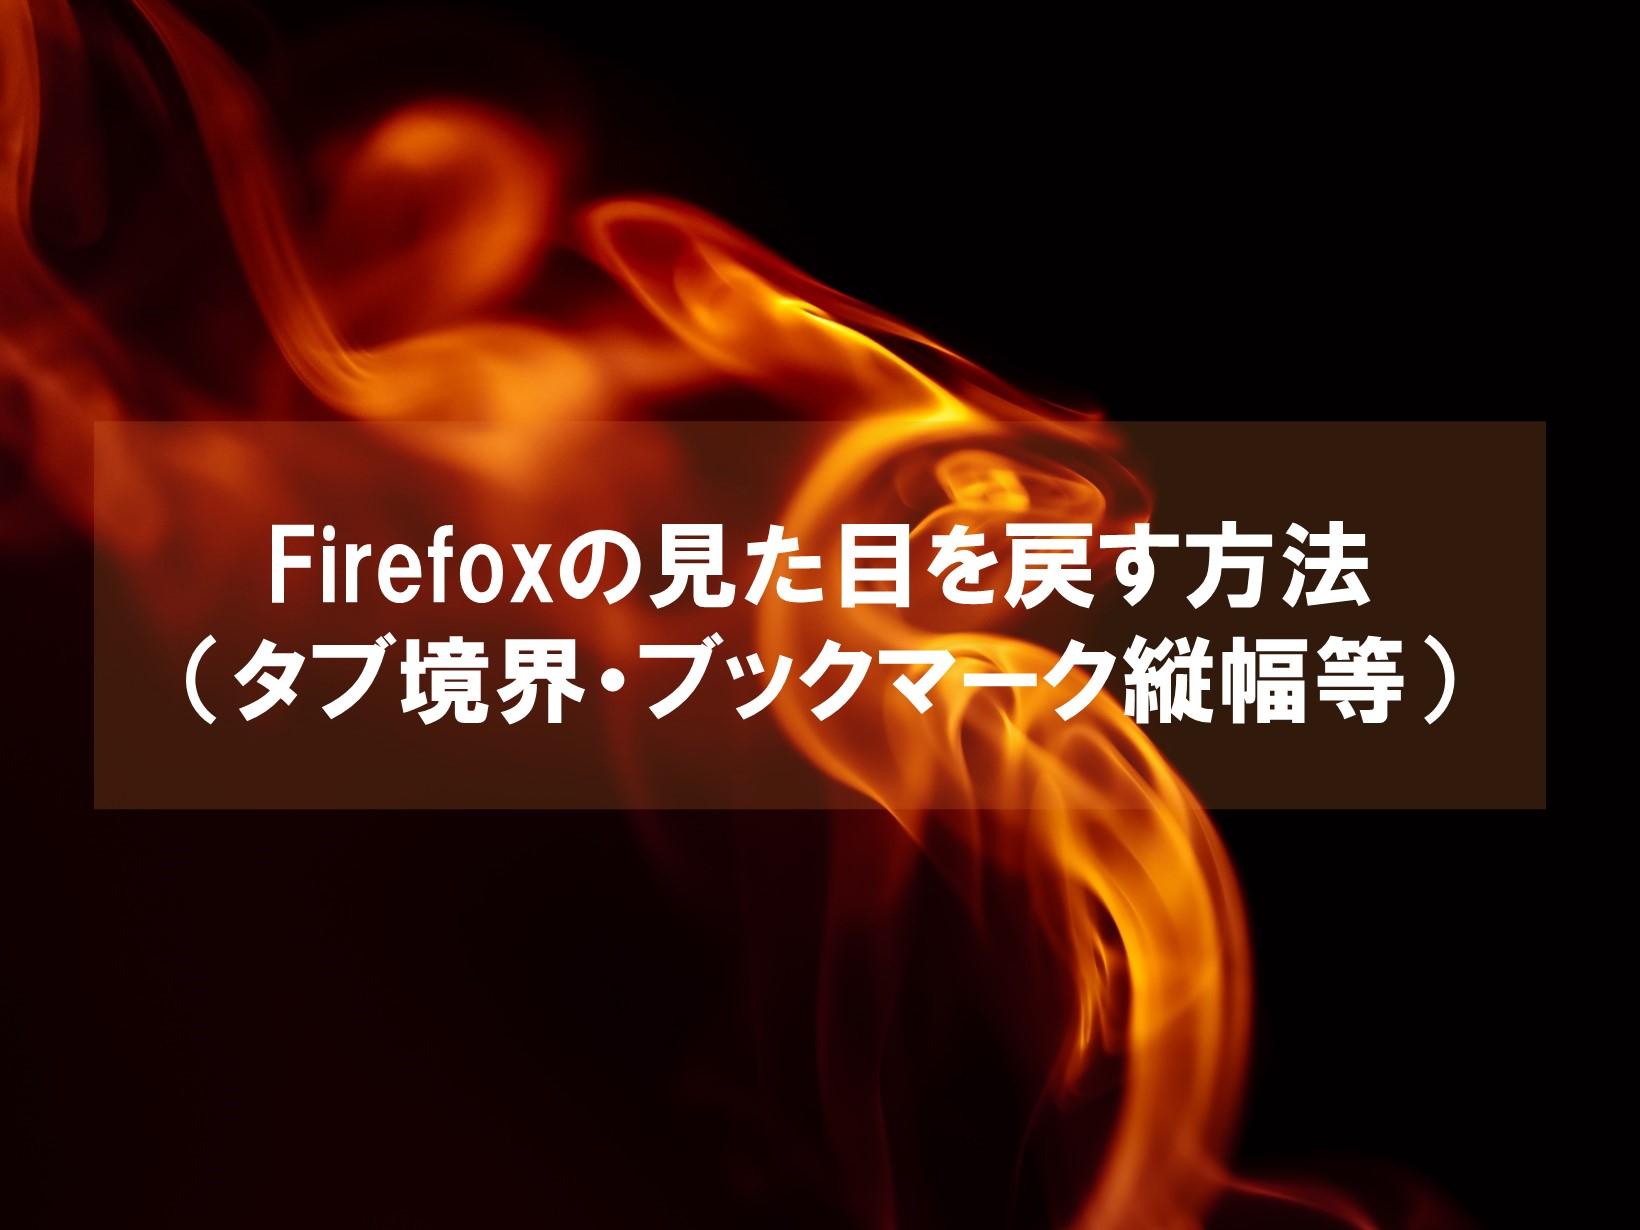 Firefoxの見た目を戻す方法(タブ境界・ブックマーク縦幅等)